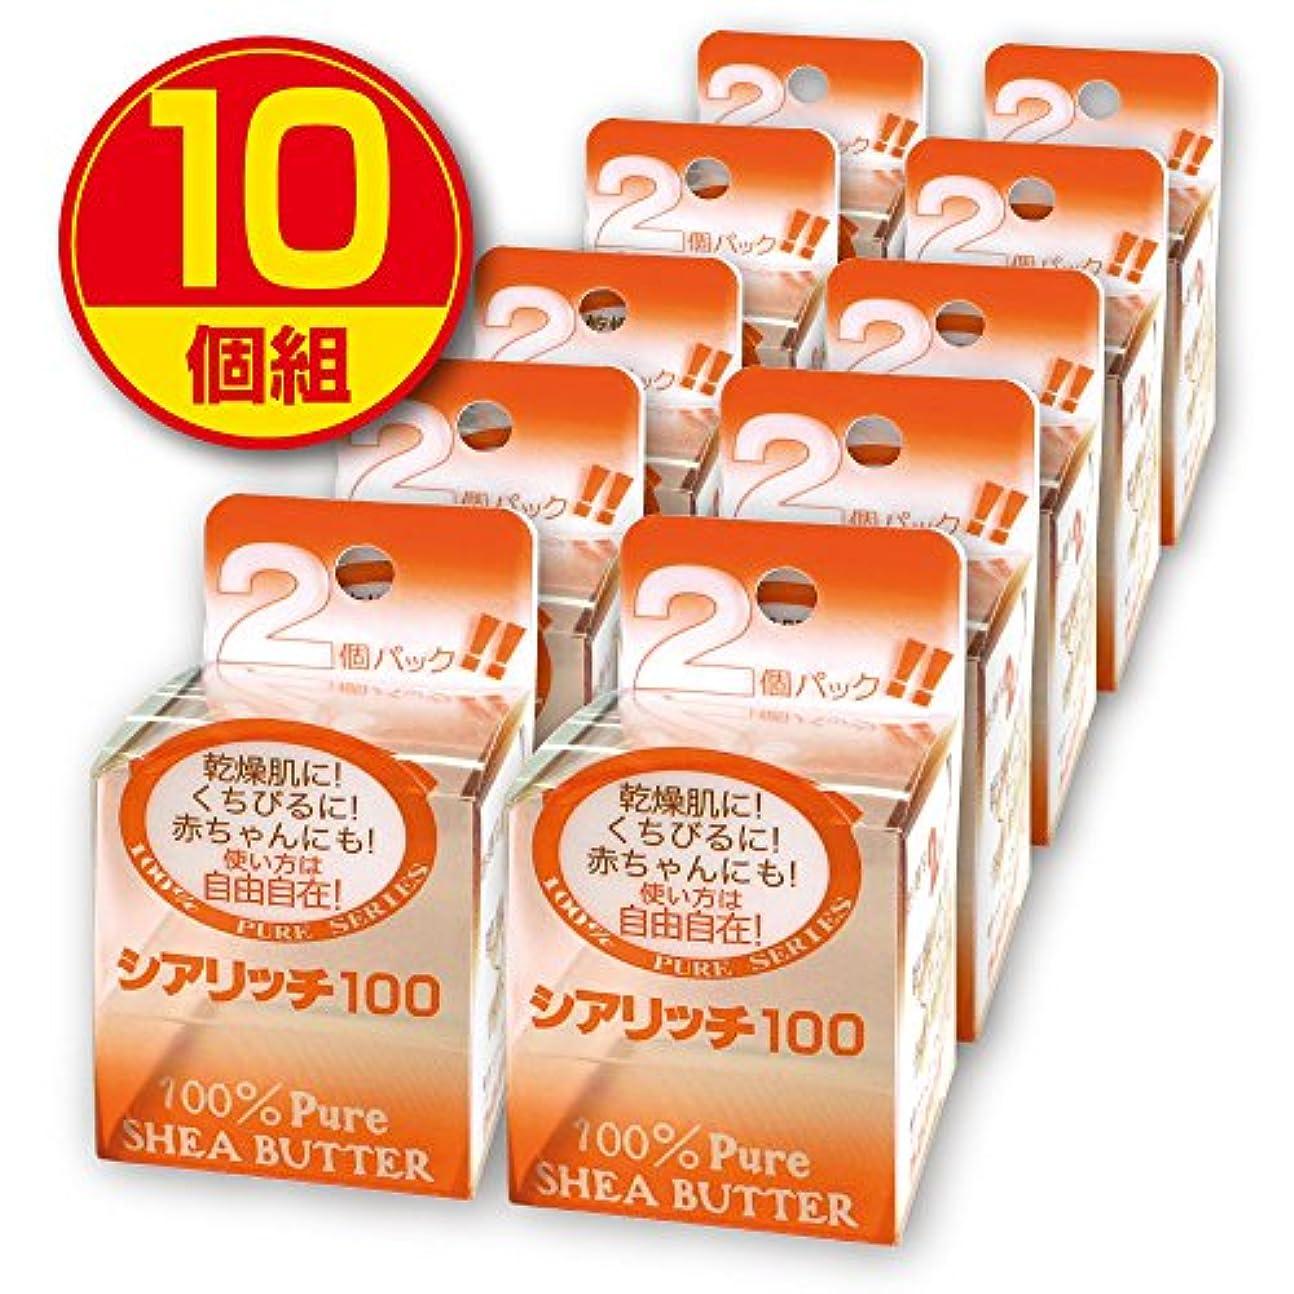 戦うゆでる見分ける日本天然物研究所 シアリッチ100 (8g×2個入り)【10個組】(無添加100%シアバター)無香料